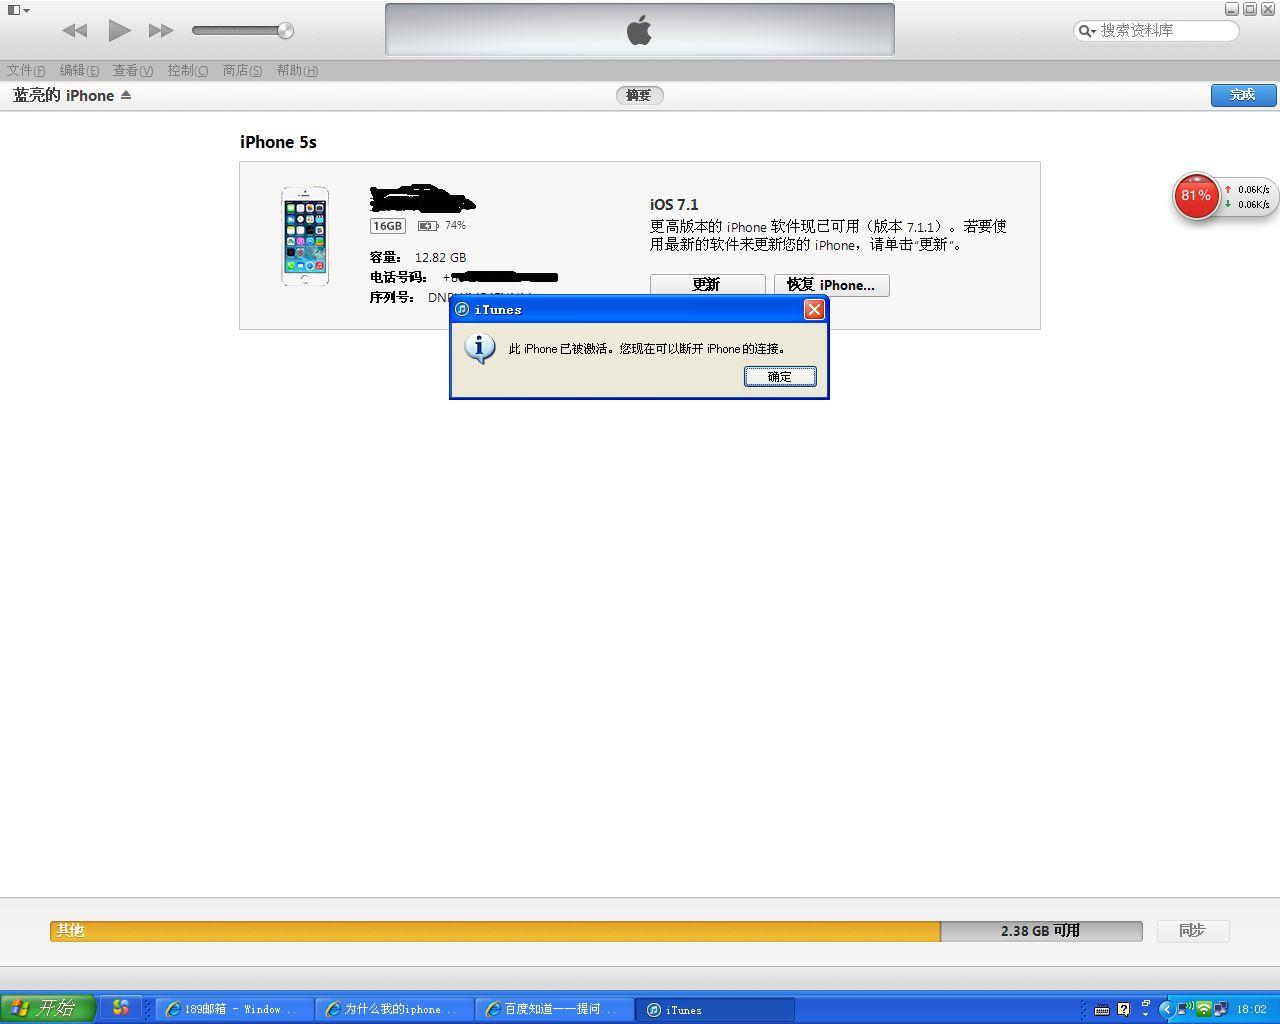 苹果5s无法连接电脑_iphone5s无法连接itunes,连上电脑只会充电 206 2011-02-13 iphone一